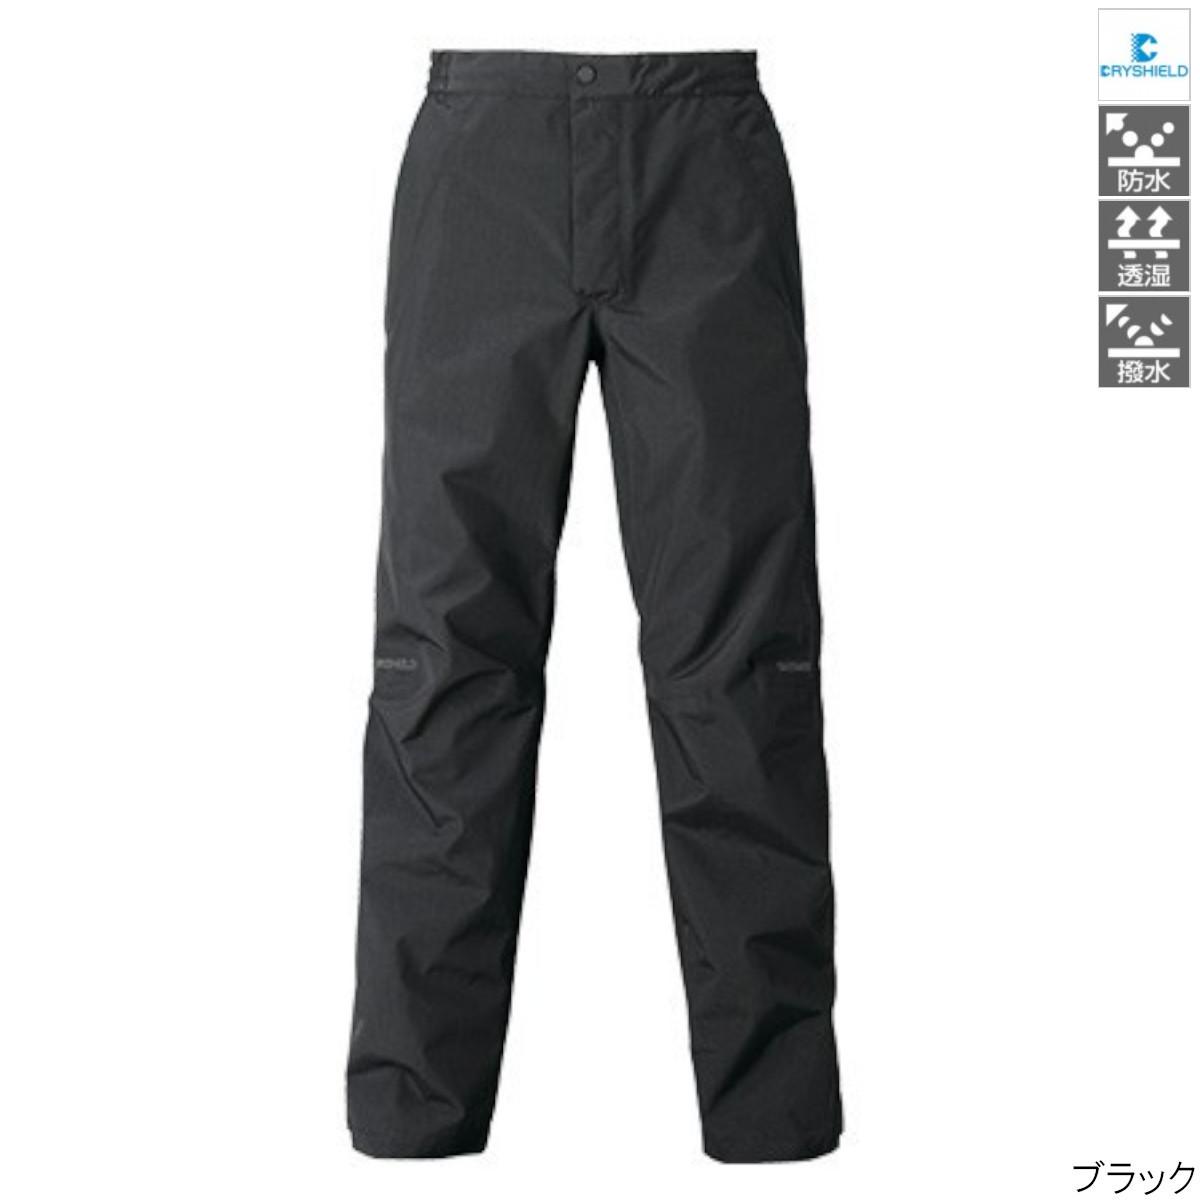 シマノ DSエクスプローラーレインパンツ RA-04PT 2XL ブラック(東日本店)